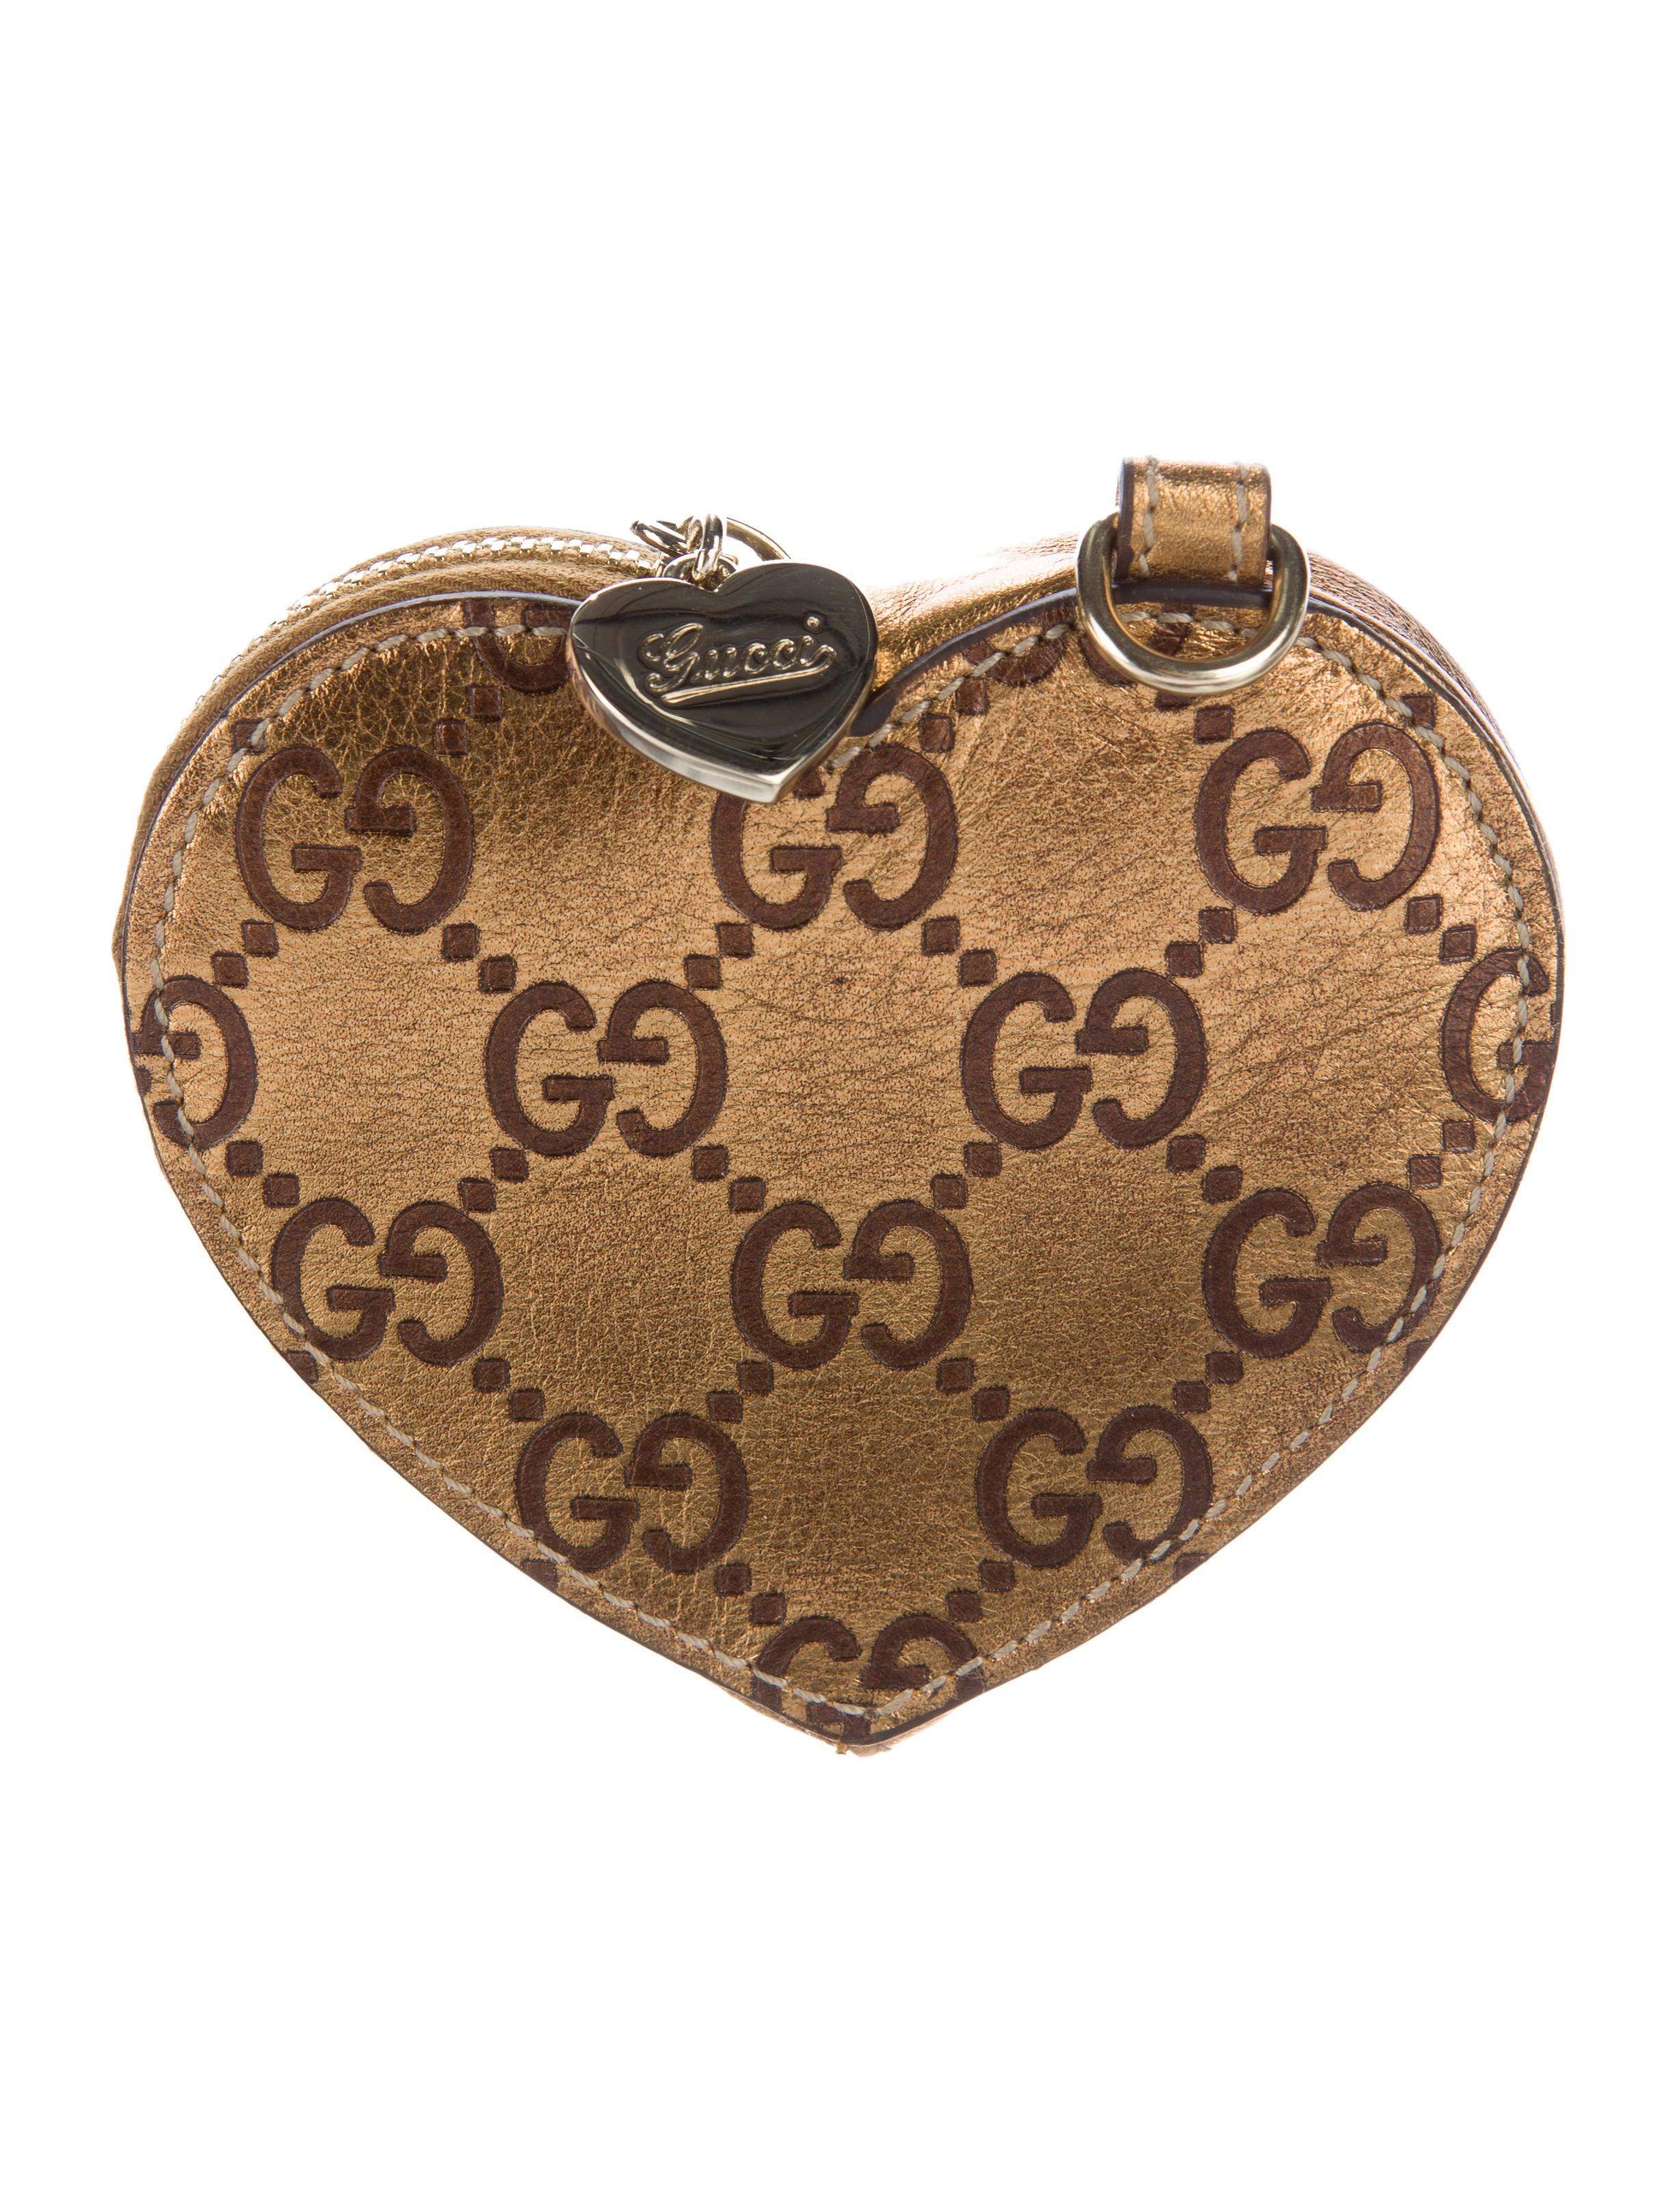 0ce99f0ed86a Gucci Guccissima Heart Coin Purse - Accessories - GUC129107   The ...